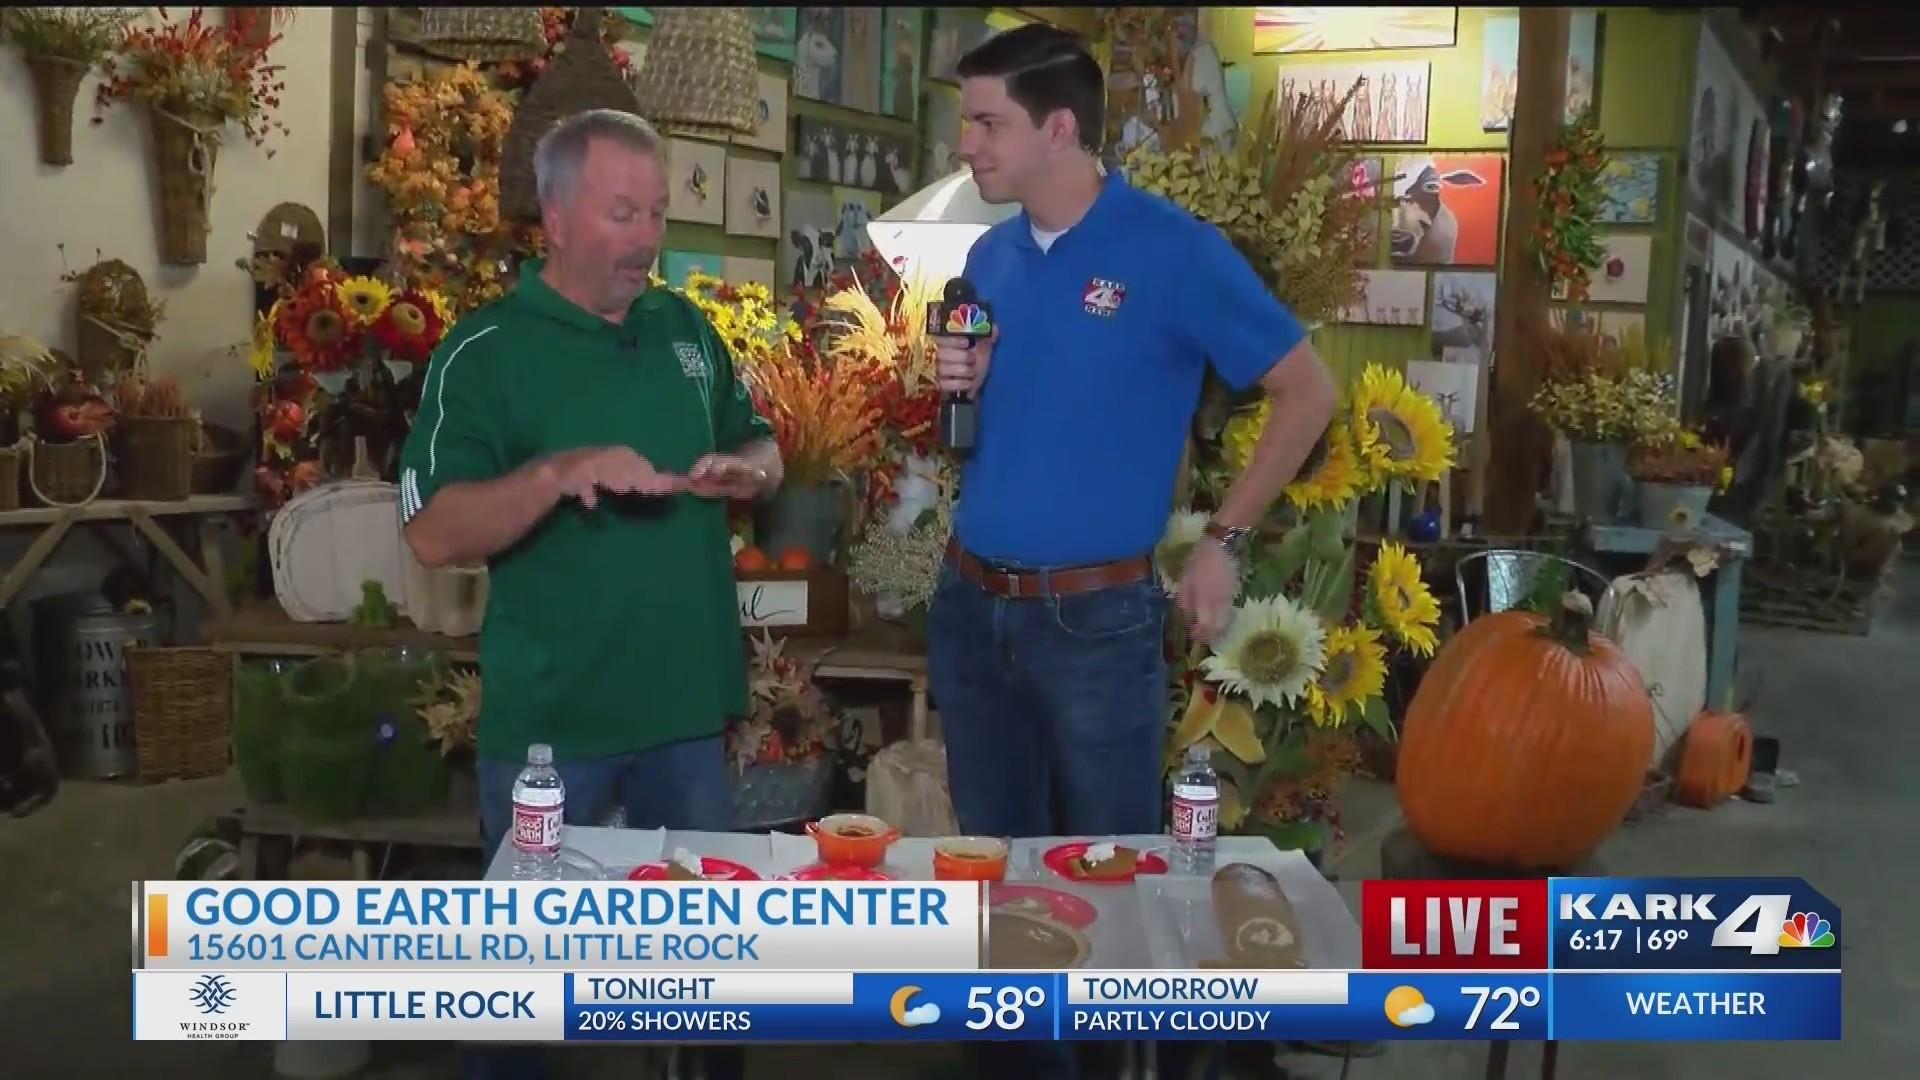 Good Earth Garden Center - Pumpkin Season